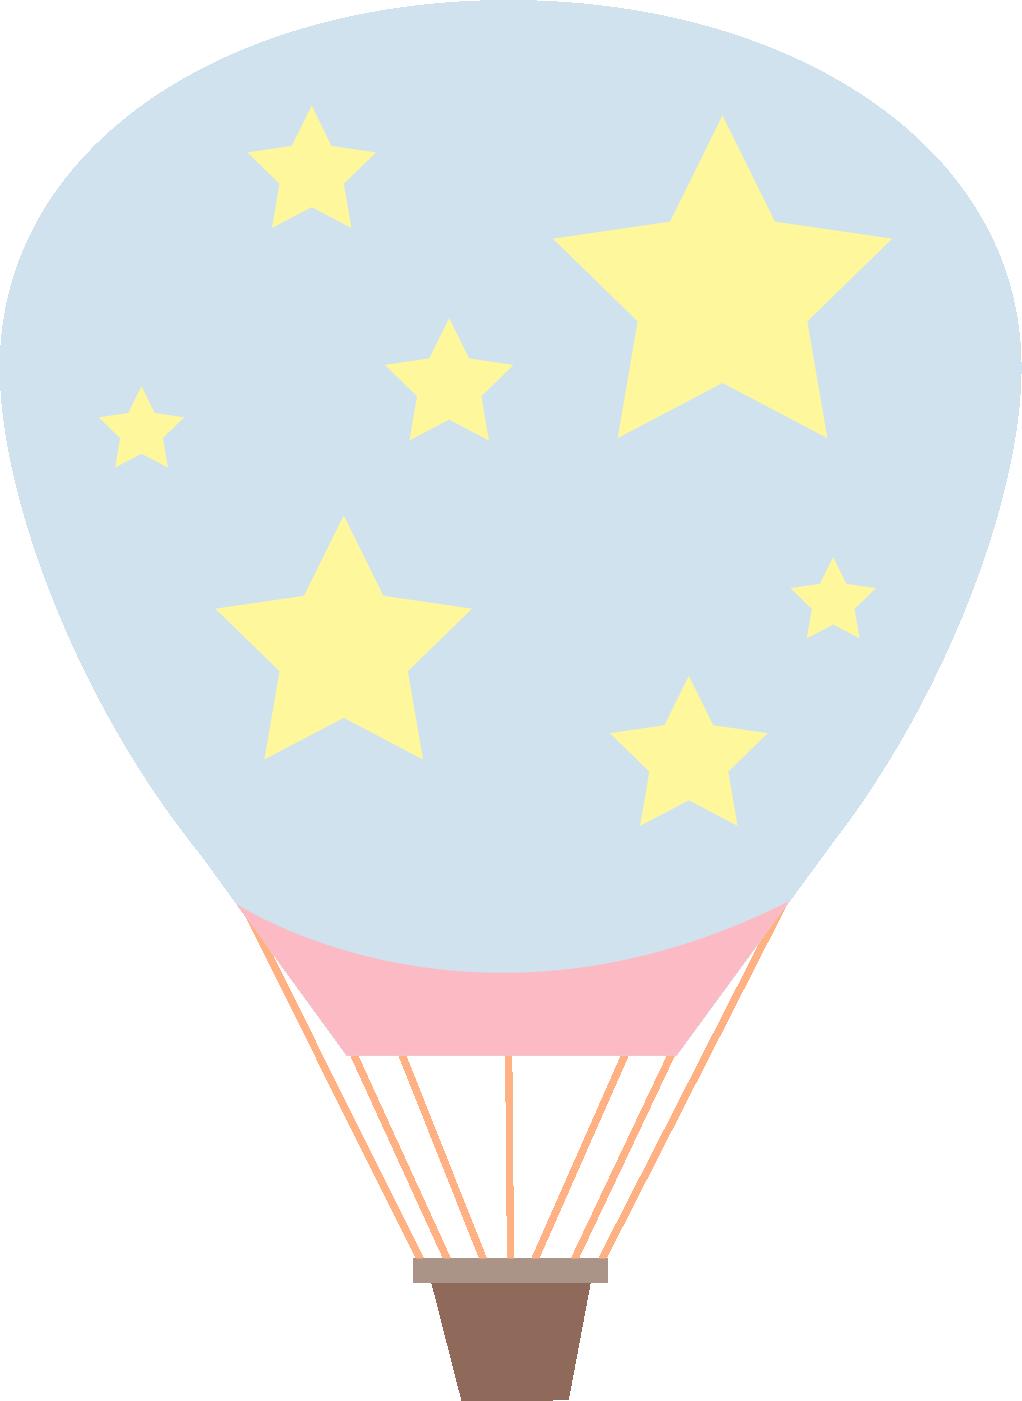 Győrkőcliget Győr ballon